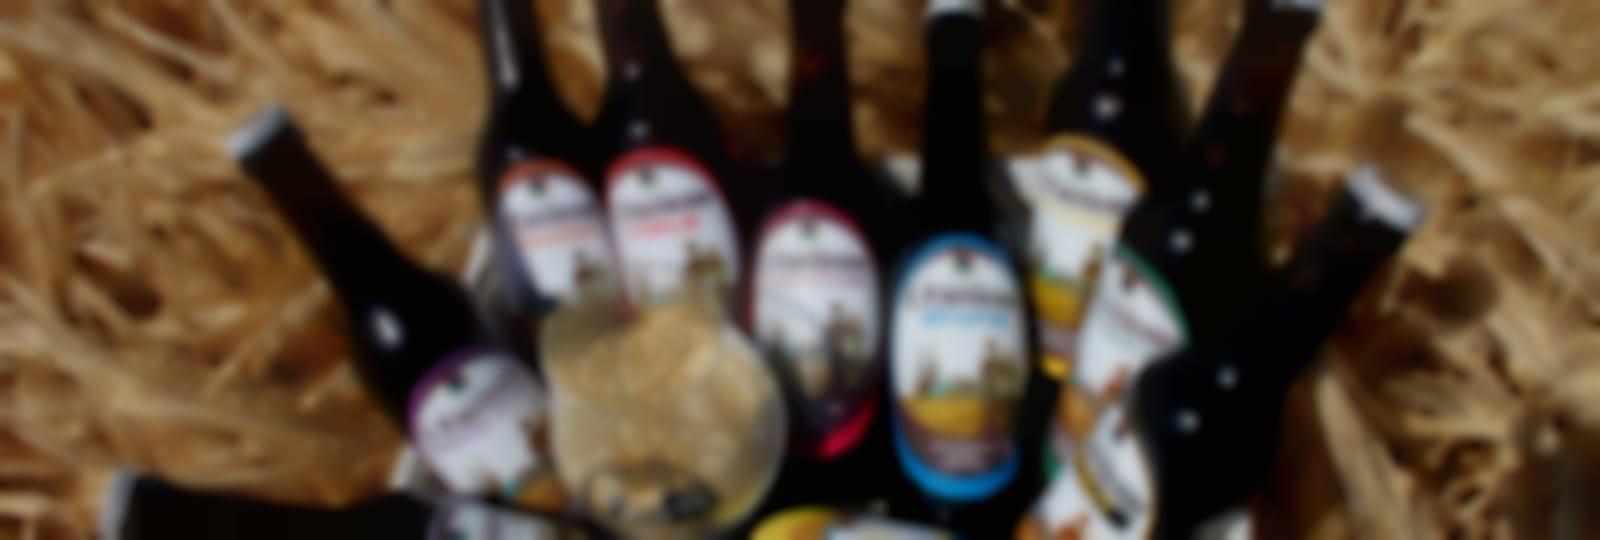 Gamme de bières  - Crédit photo Brasserie de Chandres - L'Eurélienne